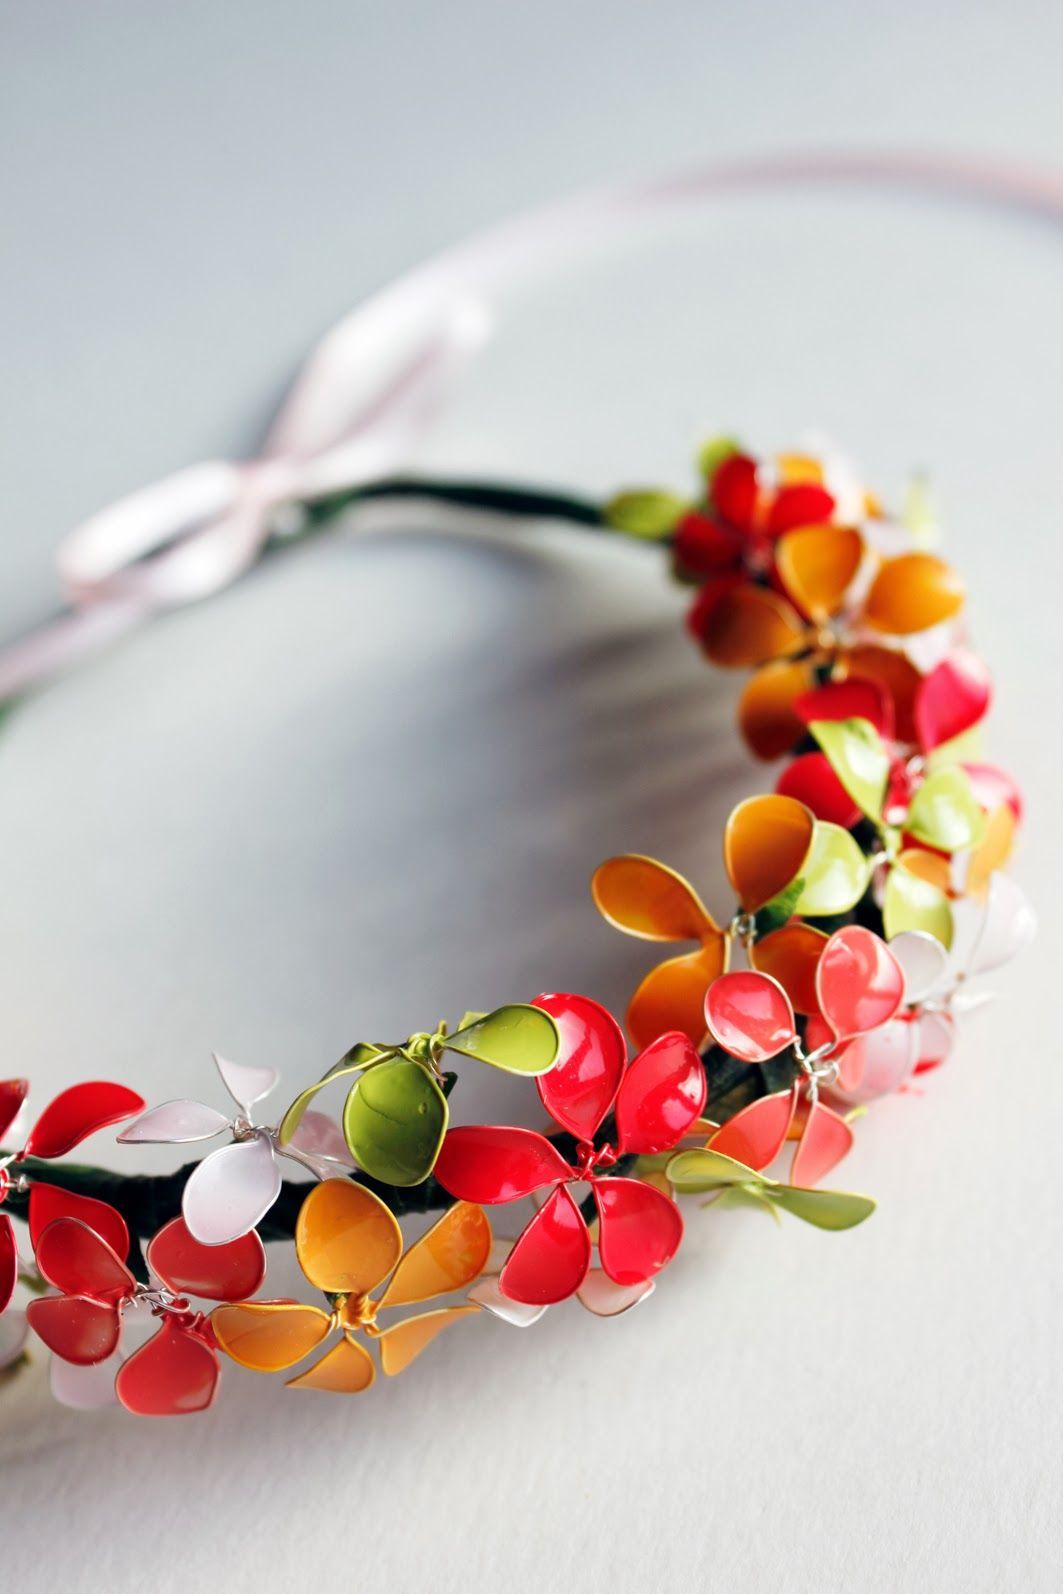 majaskreativwelt: hauchzarter Blütenkranz aus Draht und Nagellack ...